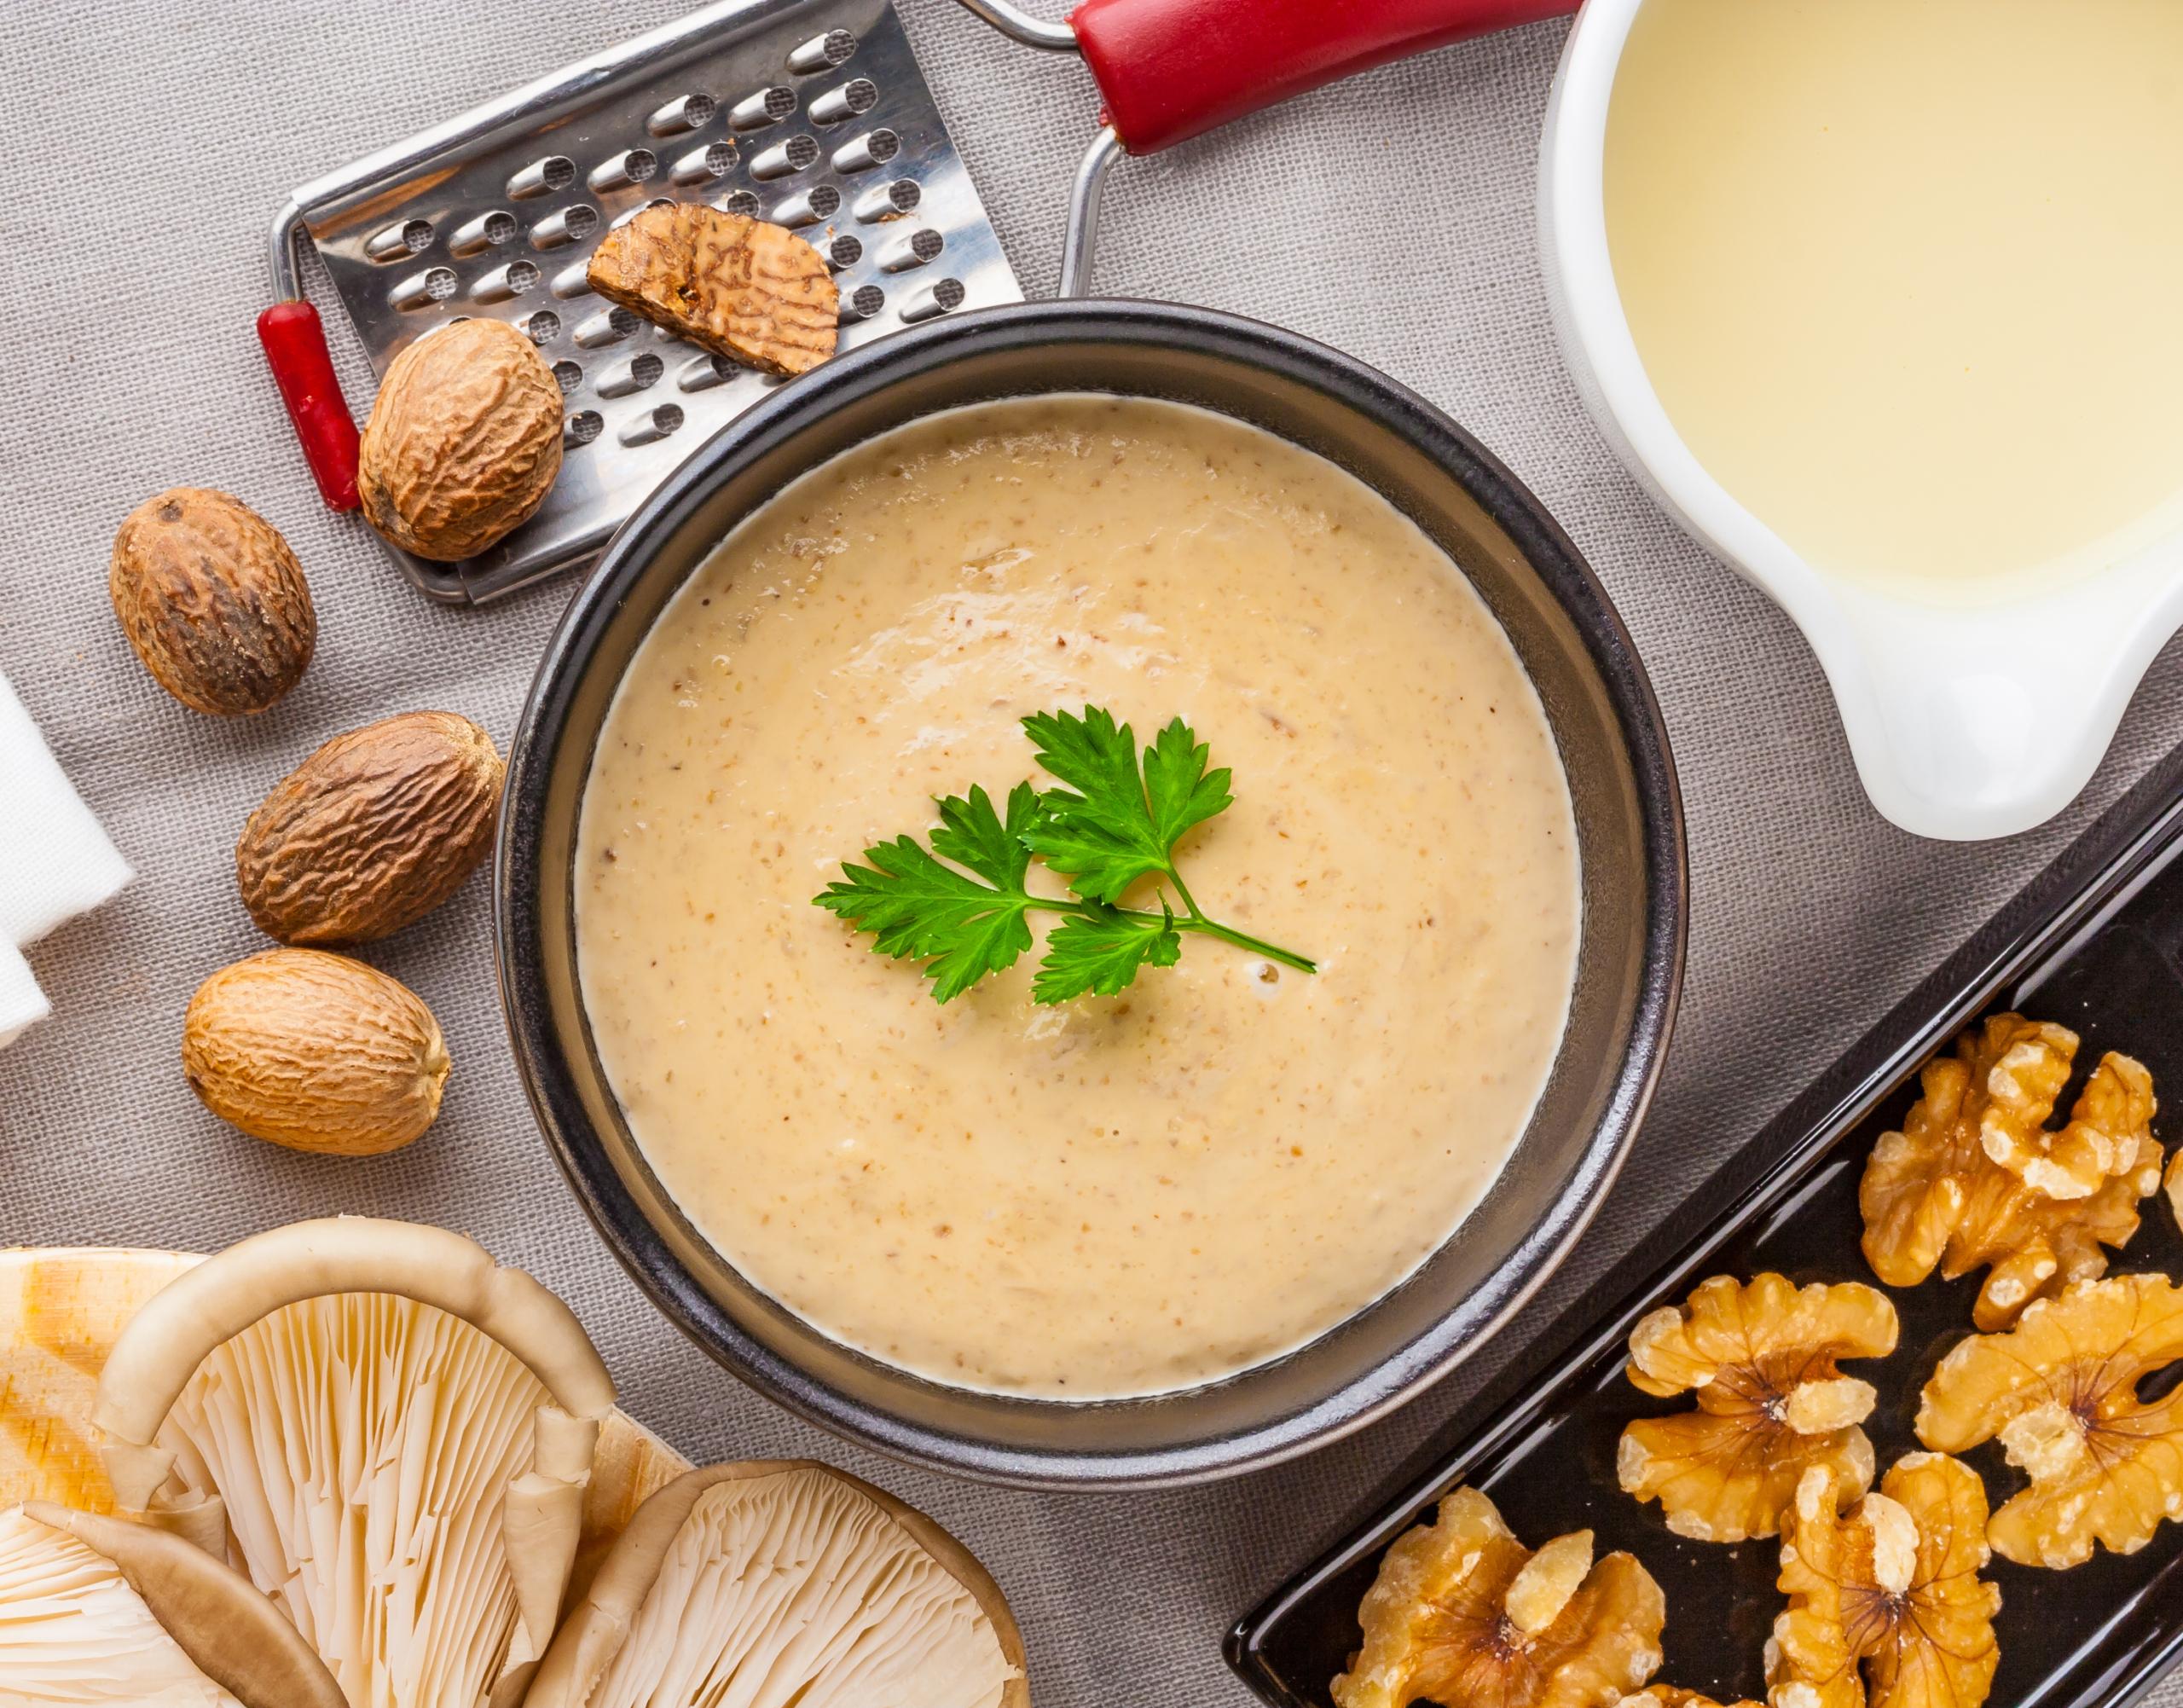 Salsa de nueces, la receta más sencilla para acompañar tus recetas festivas